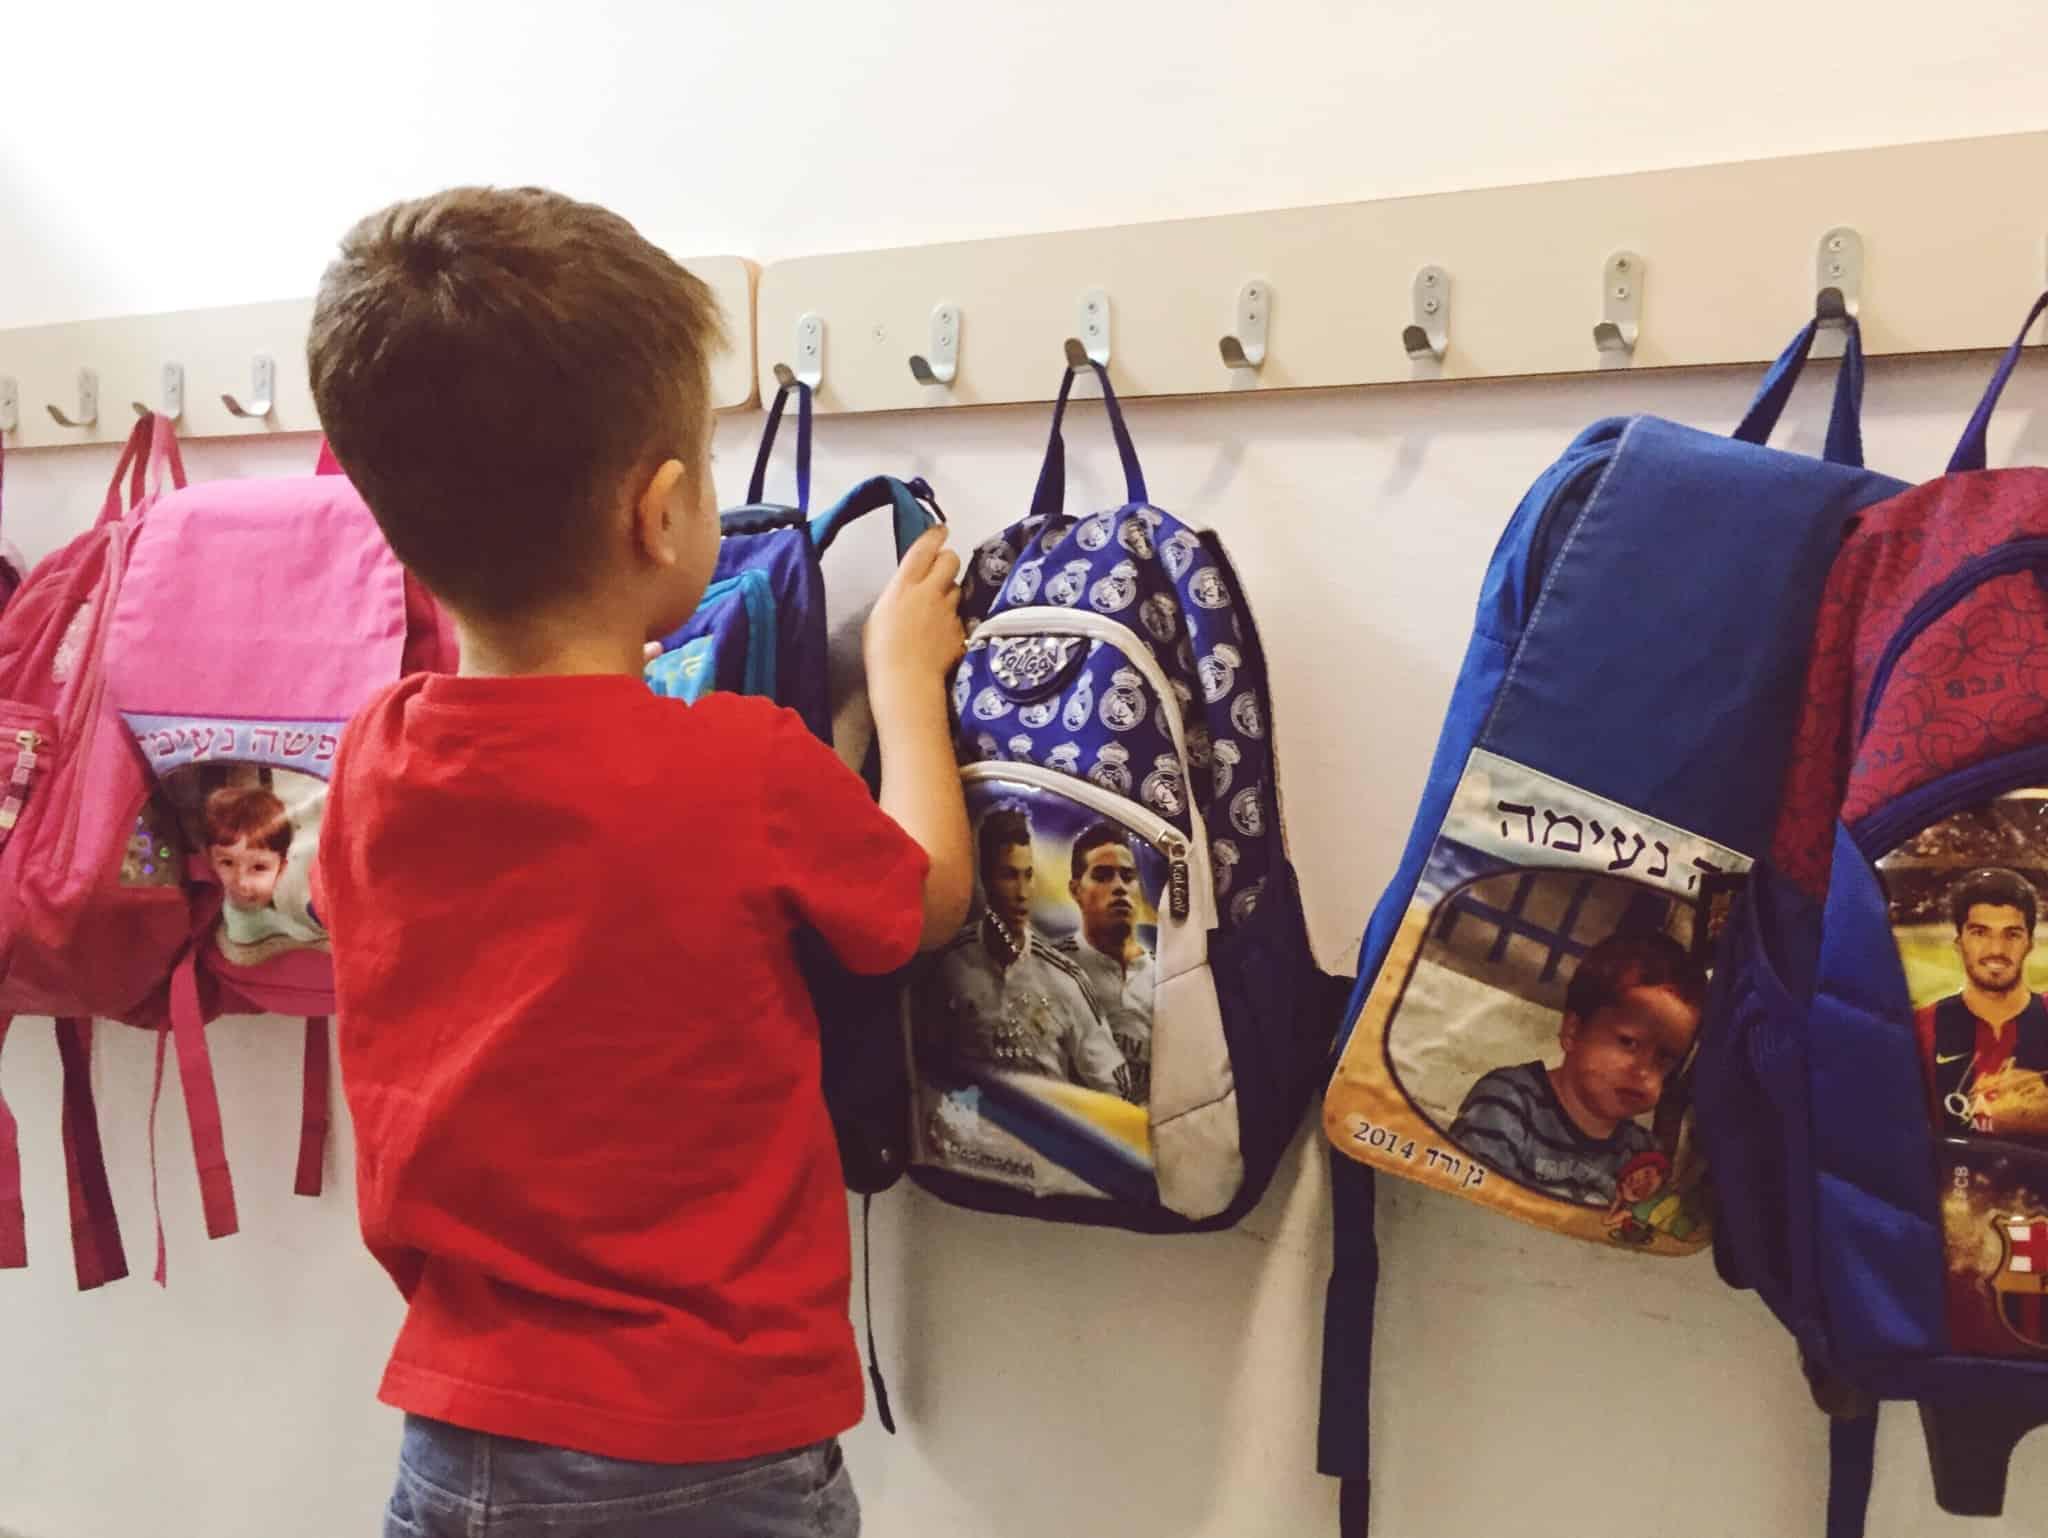 criança na escola e arrumar a mochila